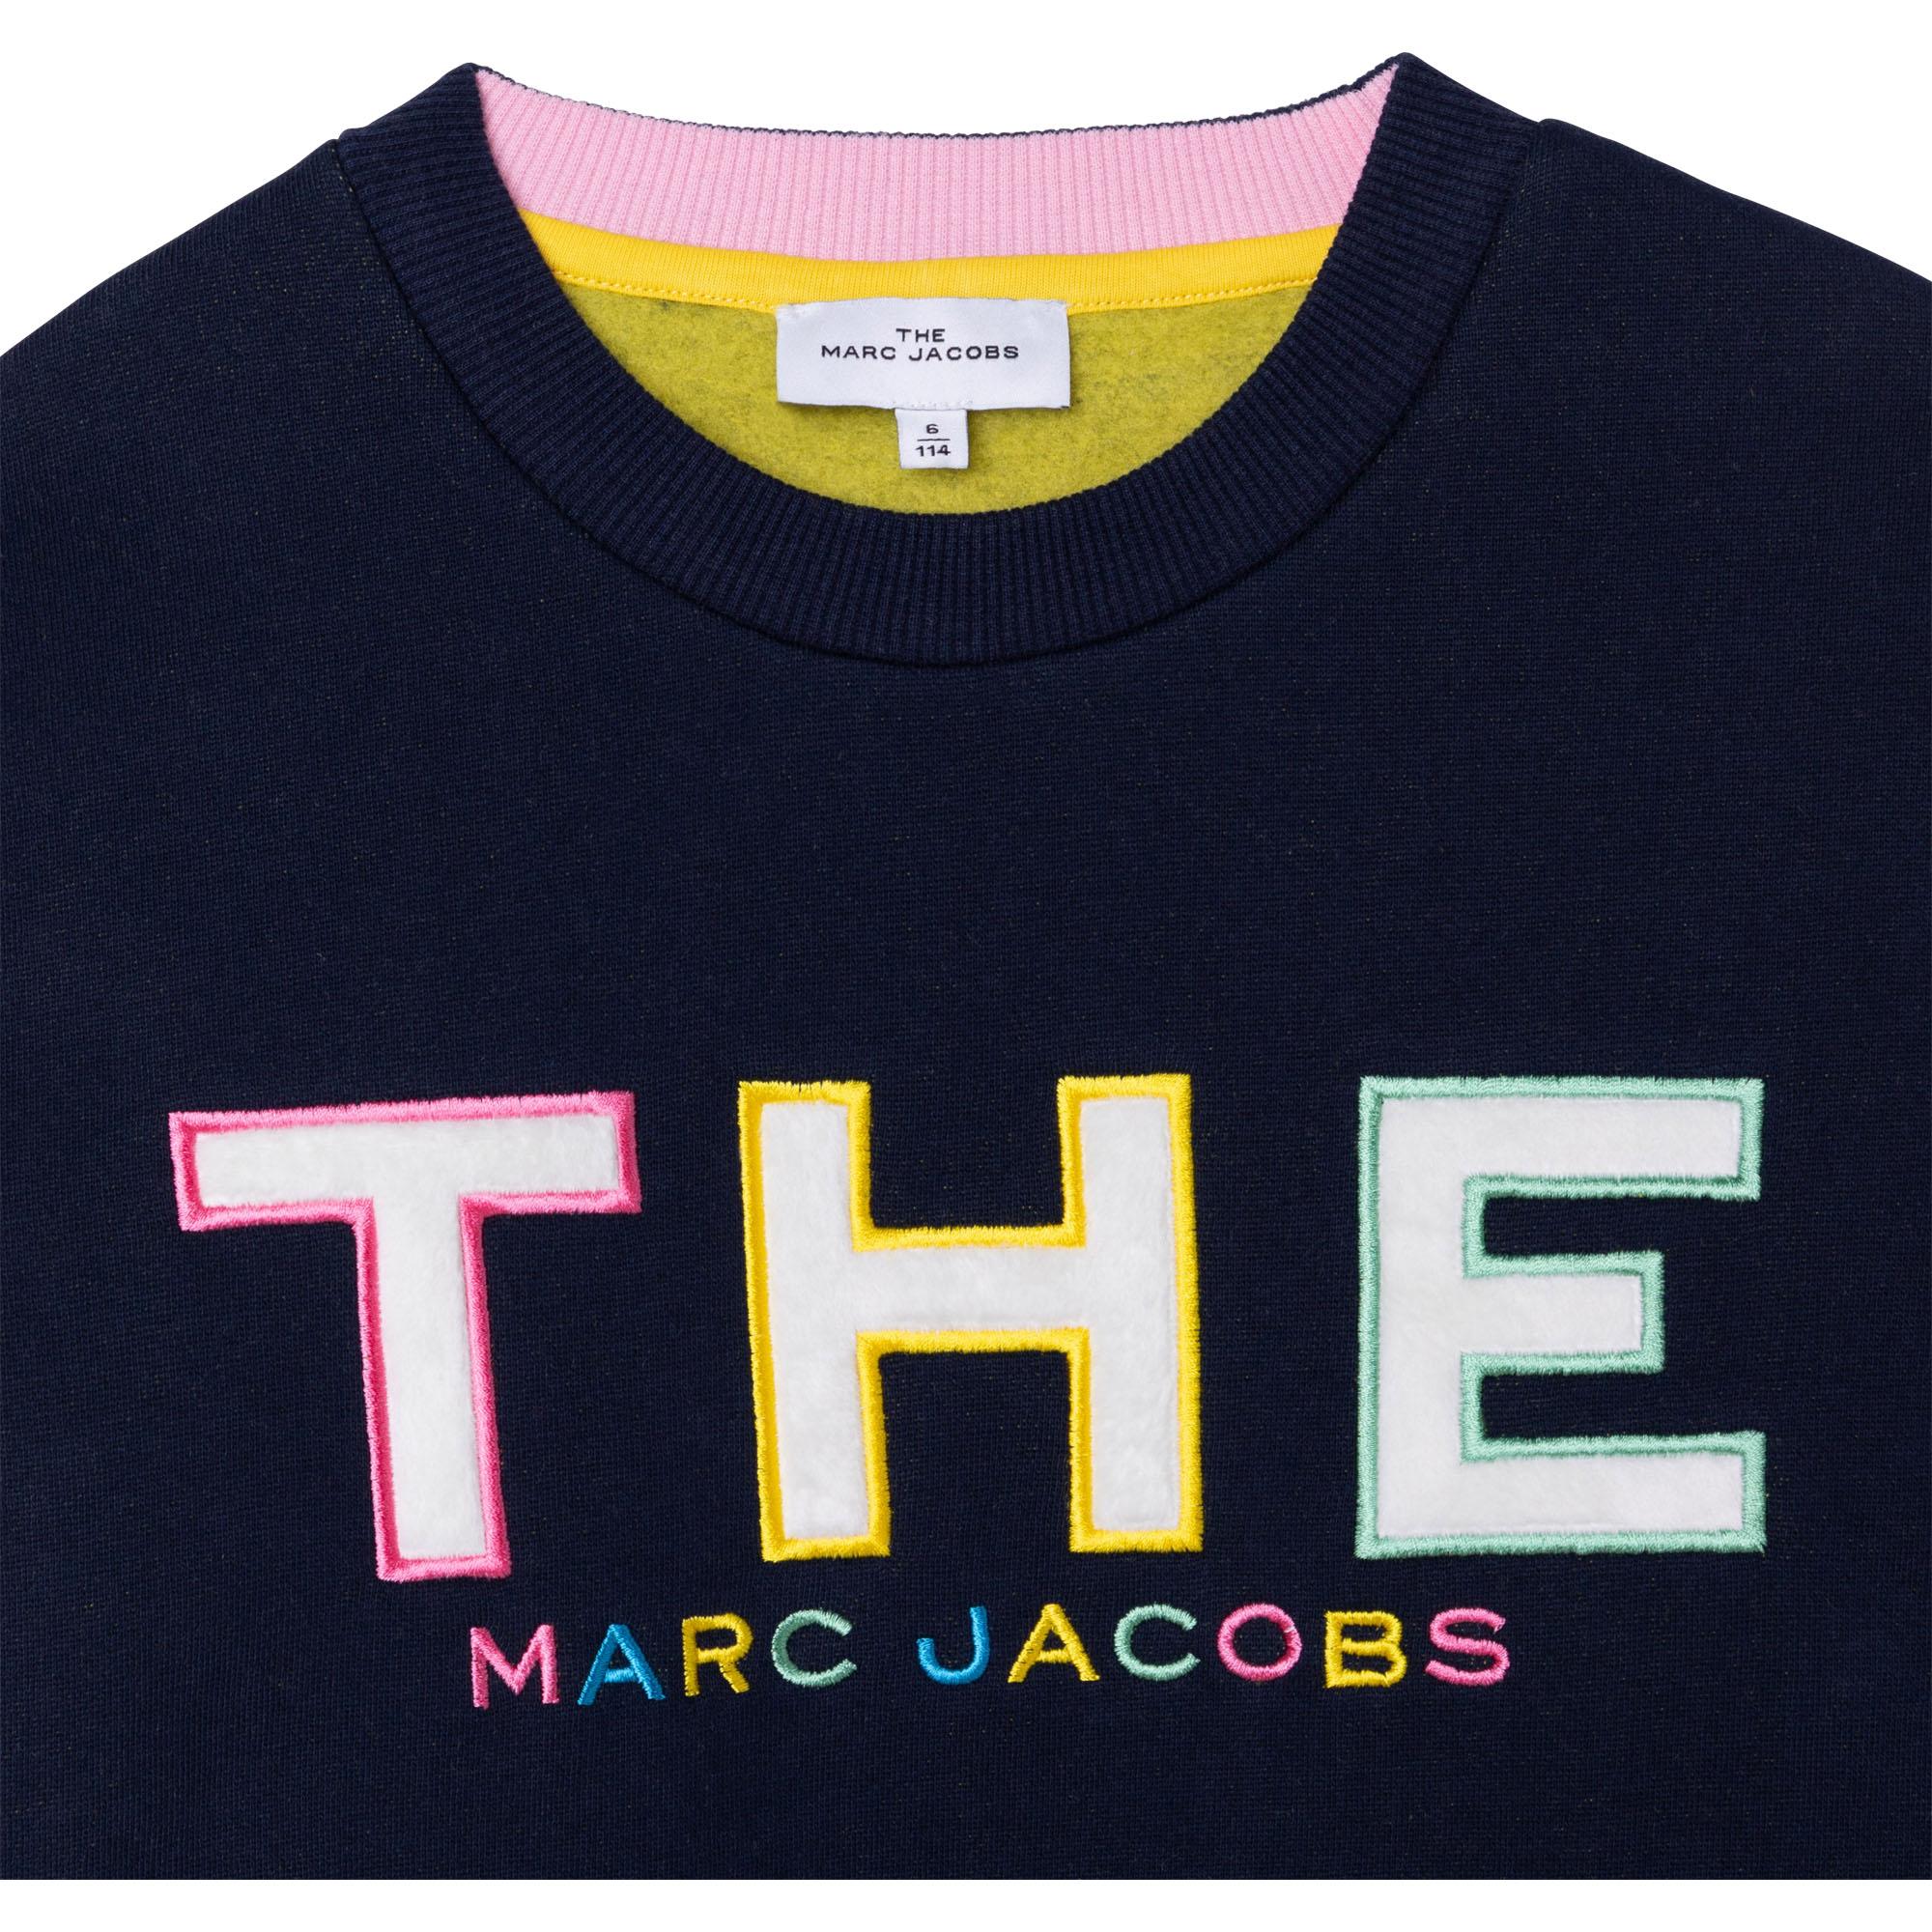 SWEATSHIRT THE MARC JACOBS for GIRL